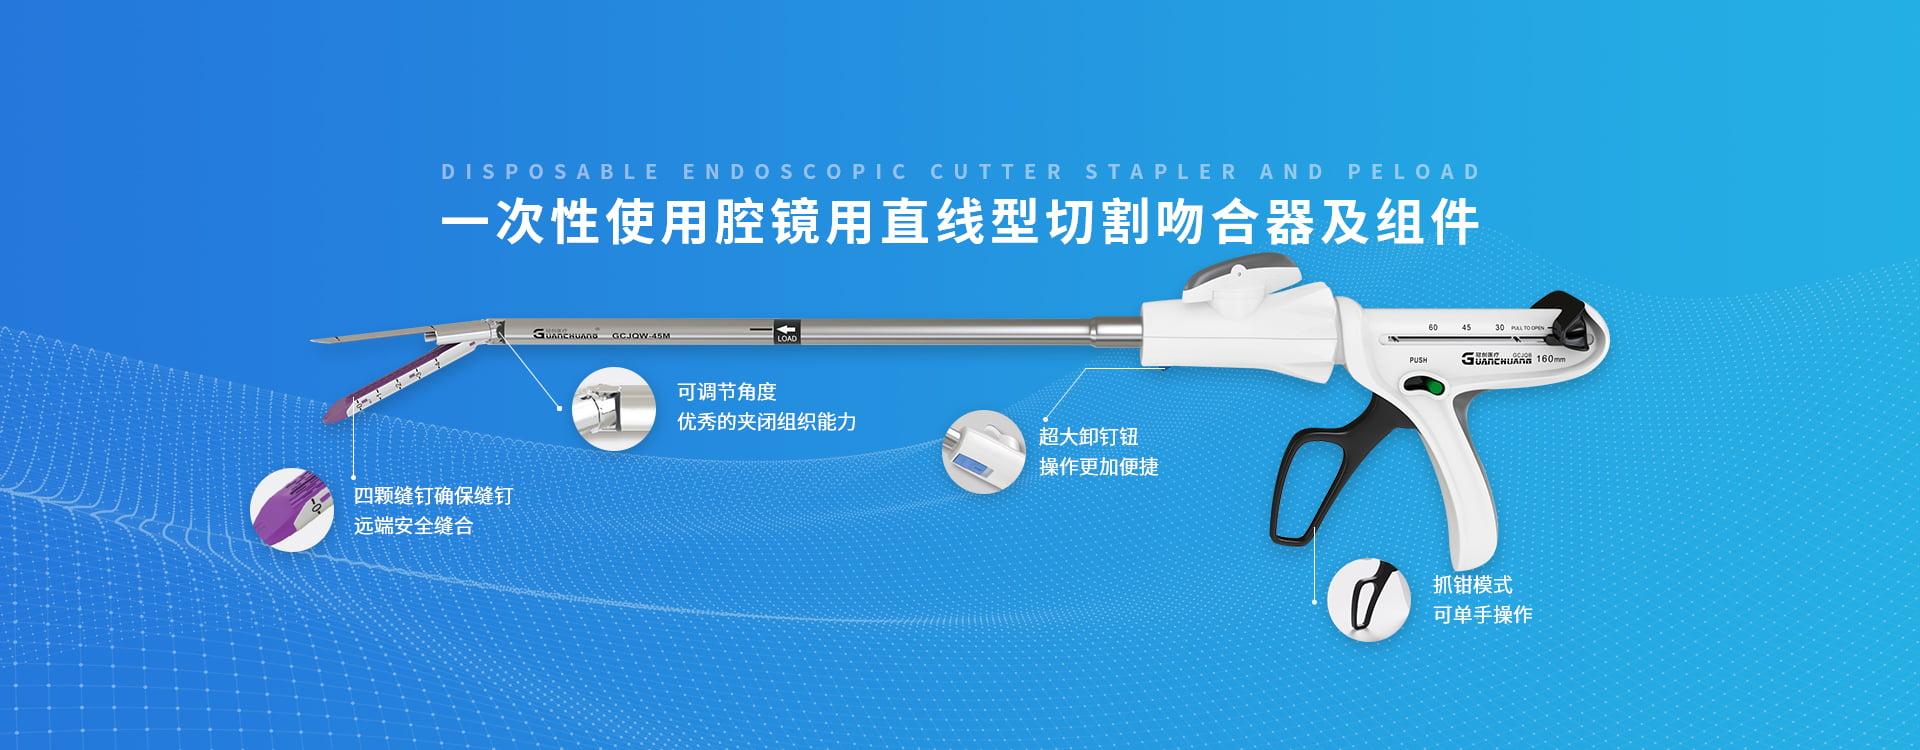 冠創醫療科技